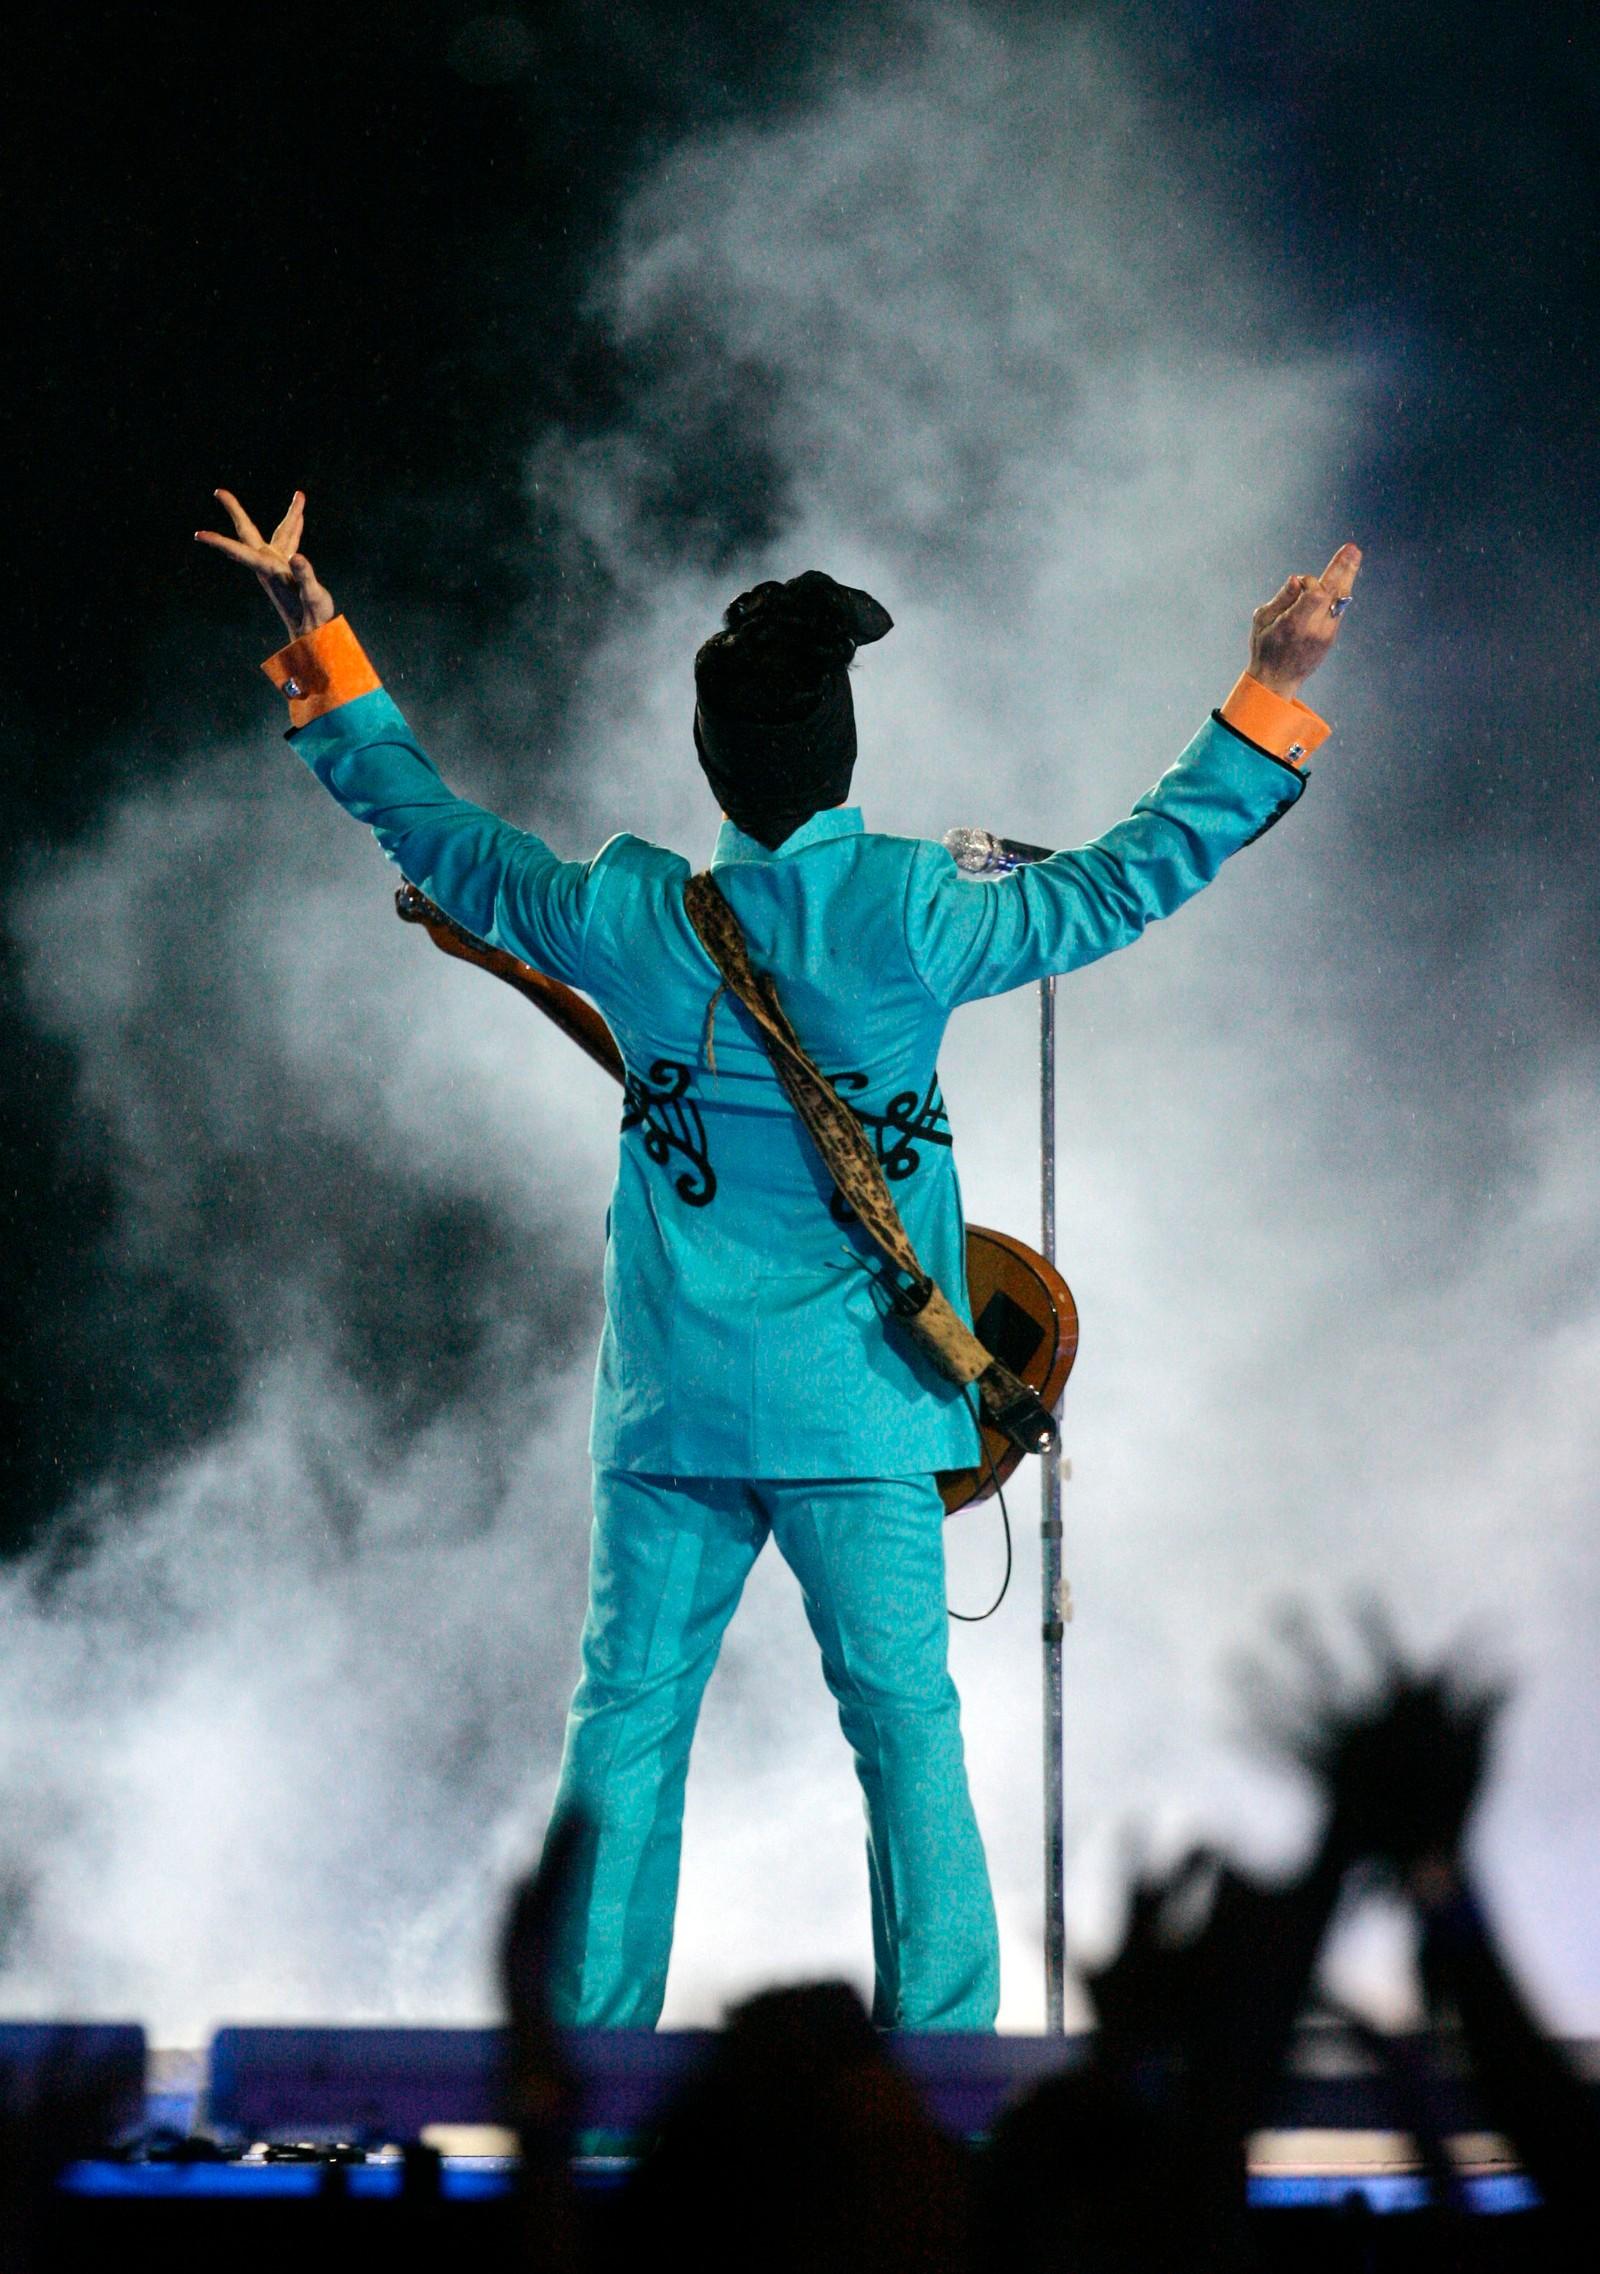 Prince var kjent for å ha fantastiske sceneshow. Her fra Super Bowl i 2007.